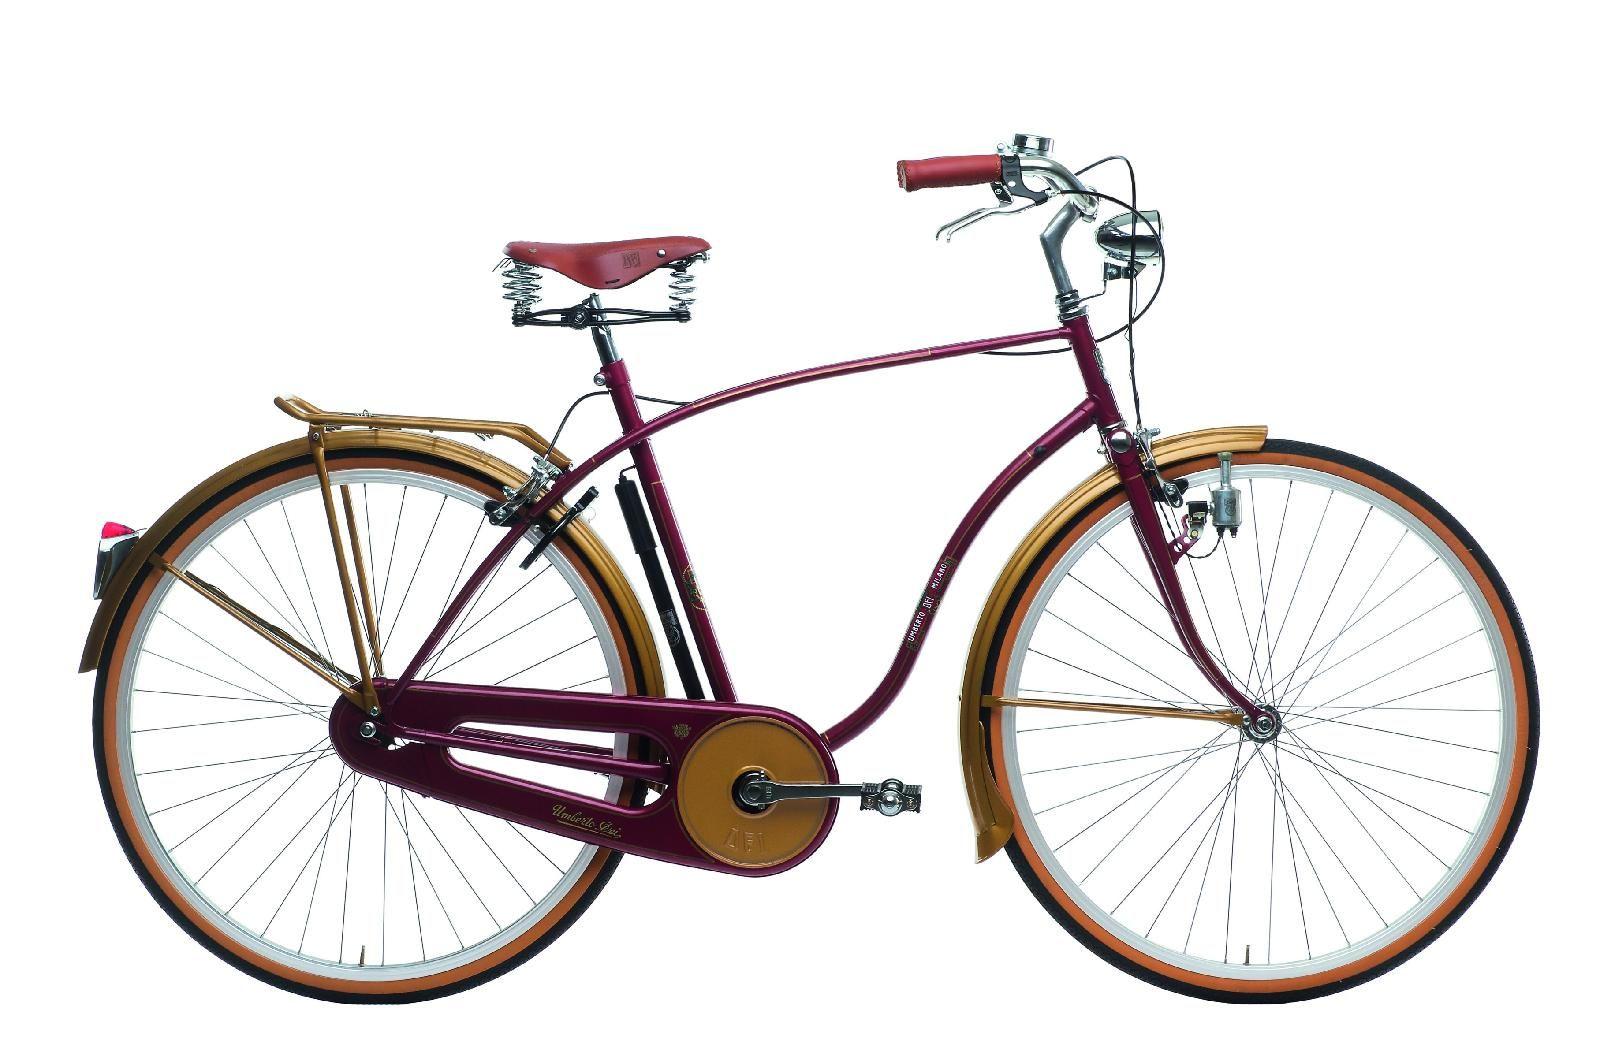 Bicicletta Umberto Dei Giubileo Uomo Eventi Bicicletta